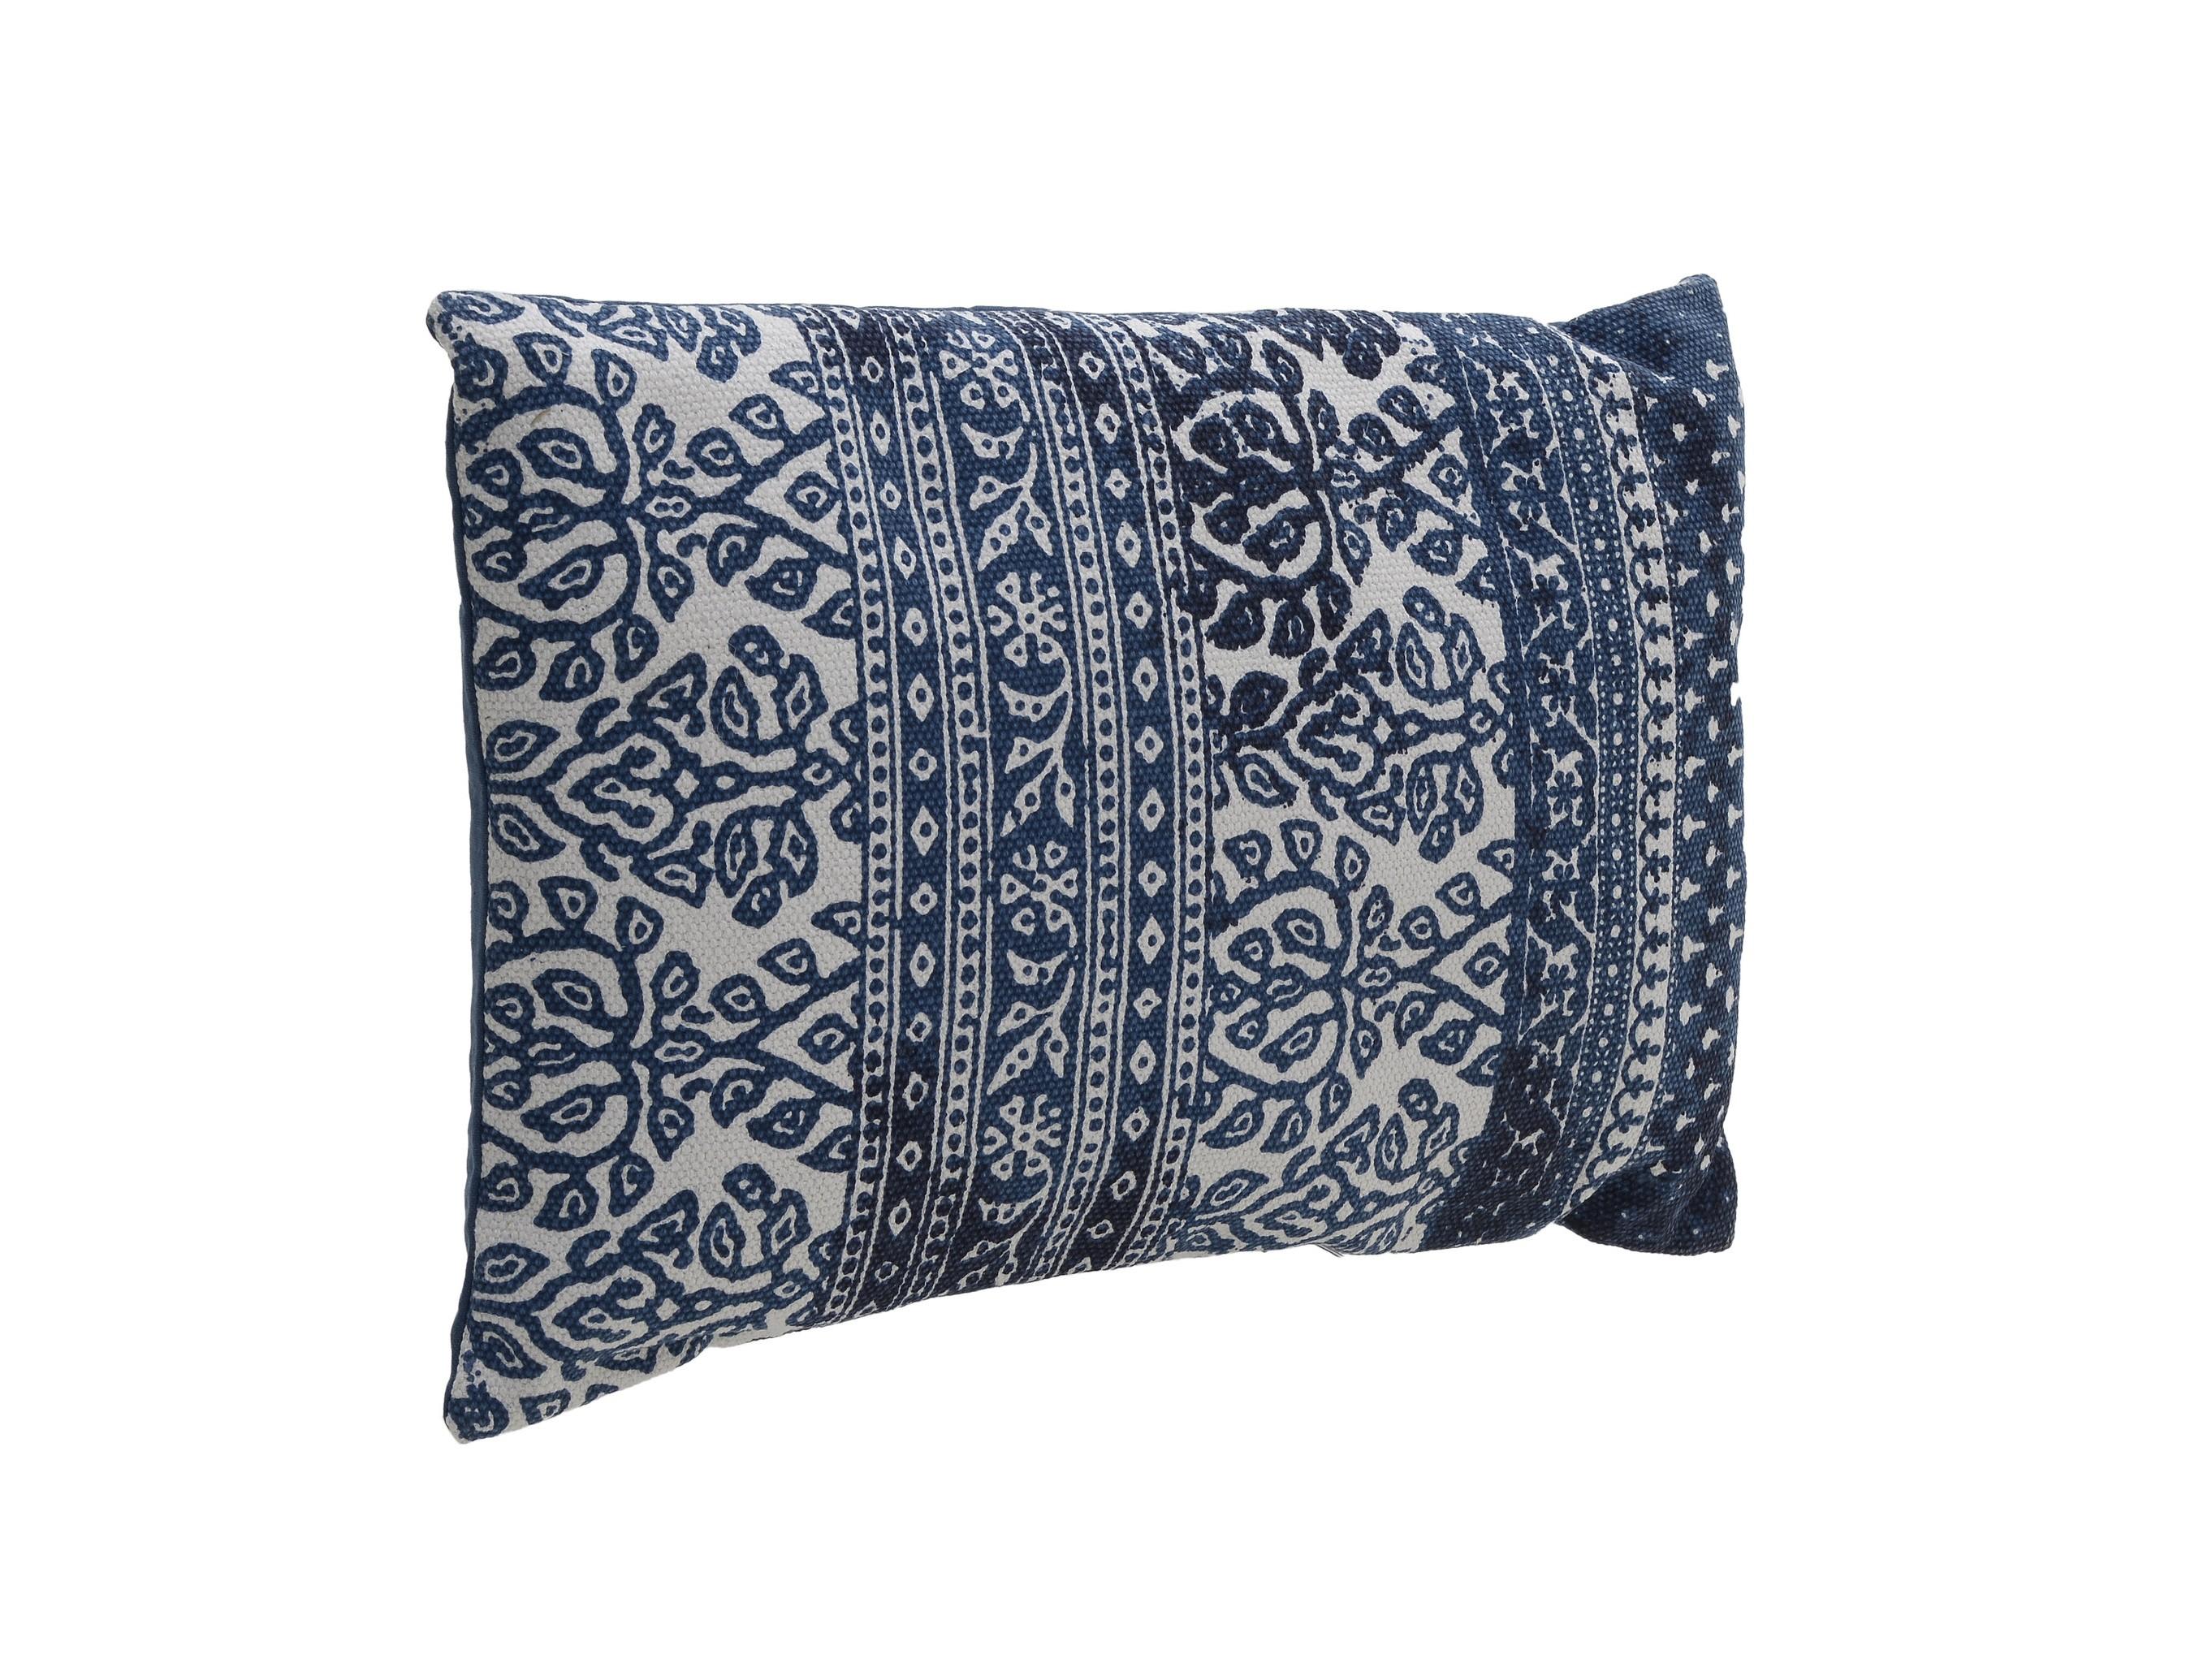 Подушка V?nusПрямоугольные подушки и наволочки<br><br><br>Material: Хлопок<br>Ширина см: 40.0<br>Высота см: 60.0<br>Глубина см: 10.0